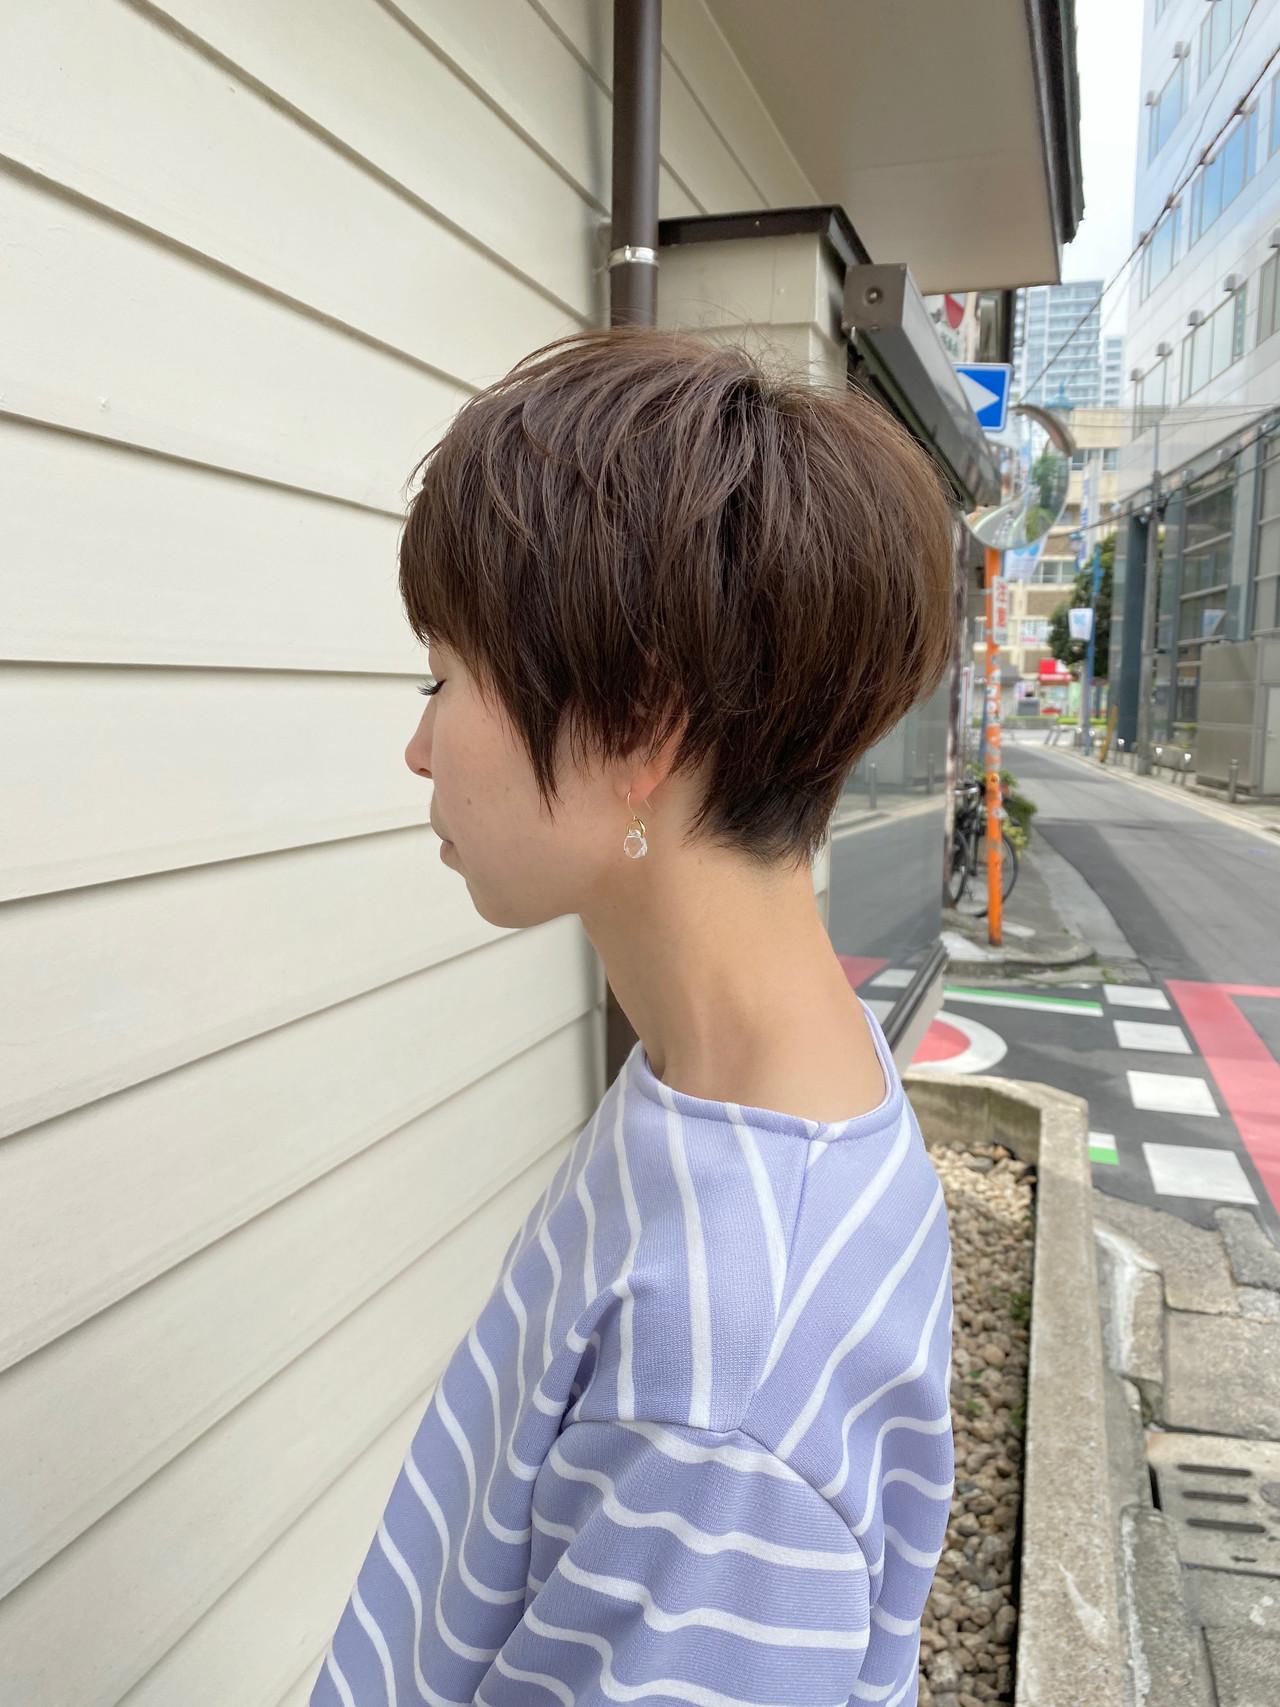 ミニボブ ショートヘア ベリーショート ショート ヘアスタイルや髪型の写真・画像 | 金子ひろゆき / sola